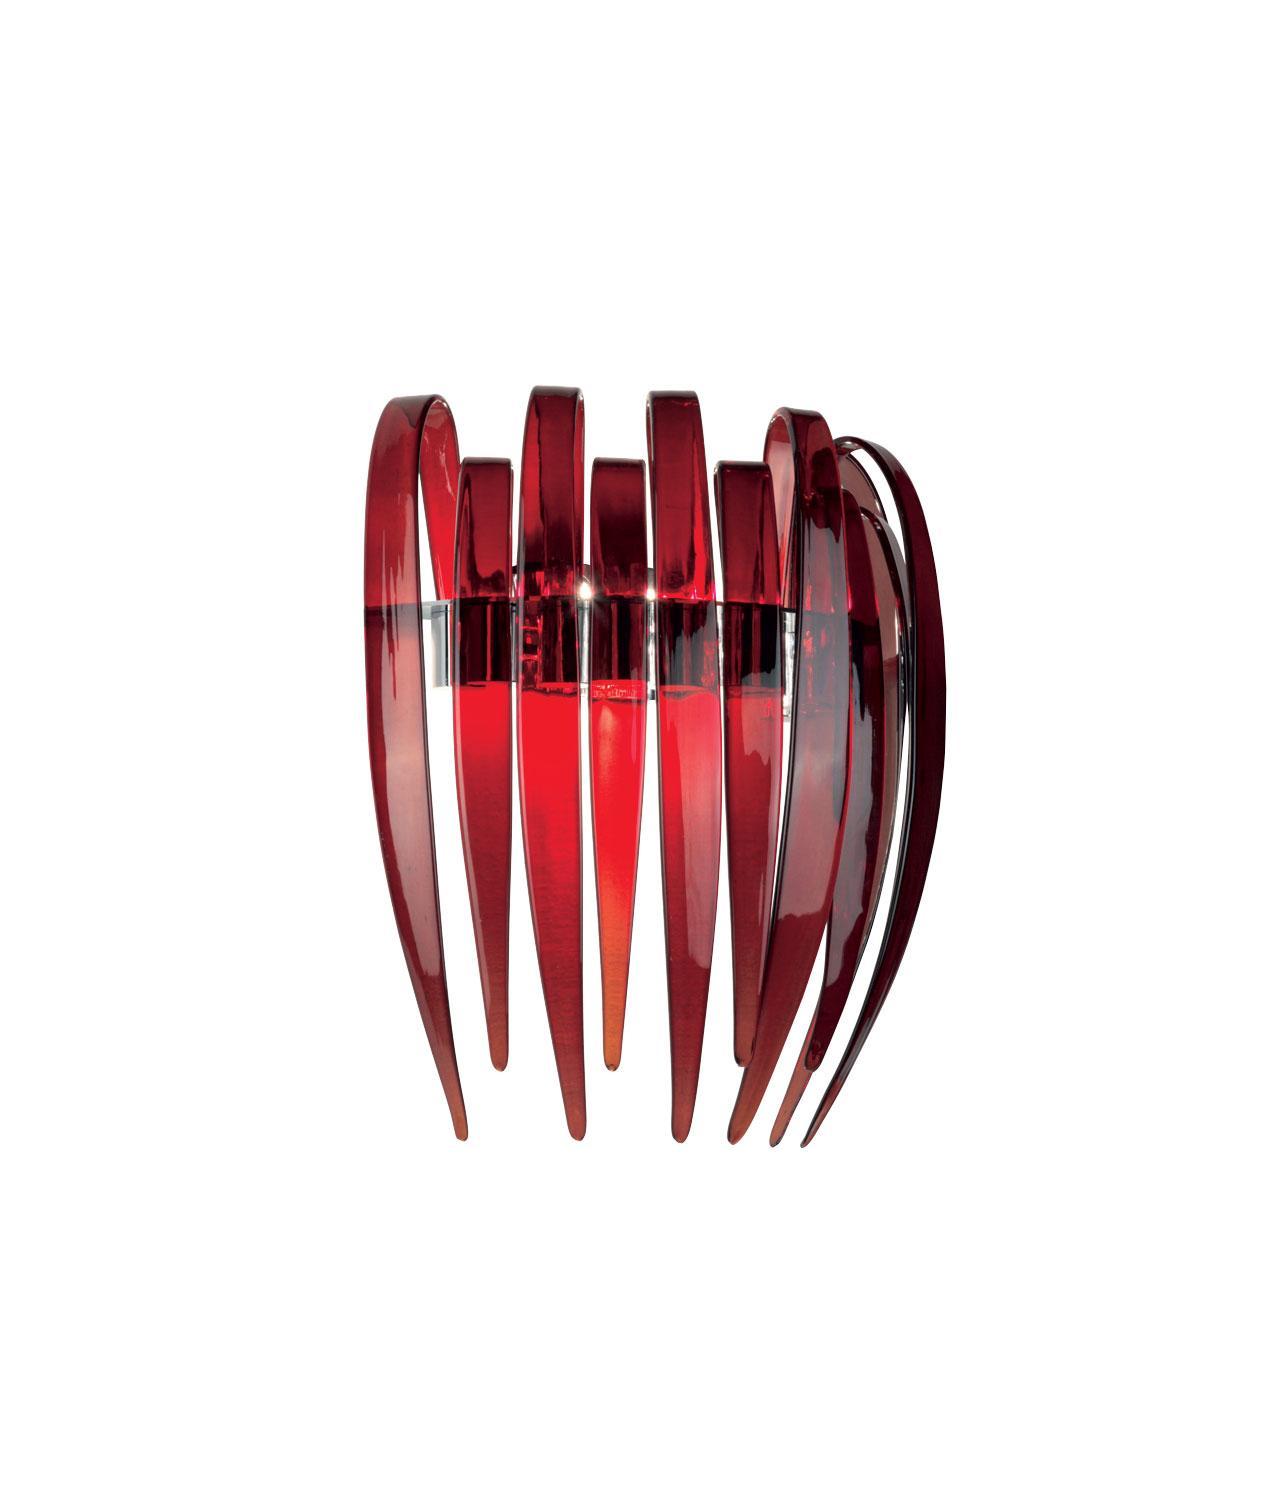 Dracena-P60 lampada da parete in vetro di Murano - Italy Dream Design